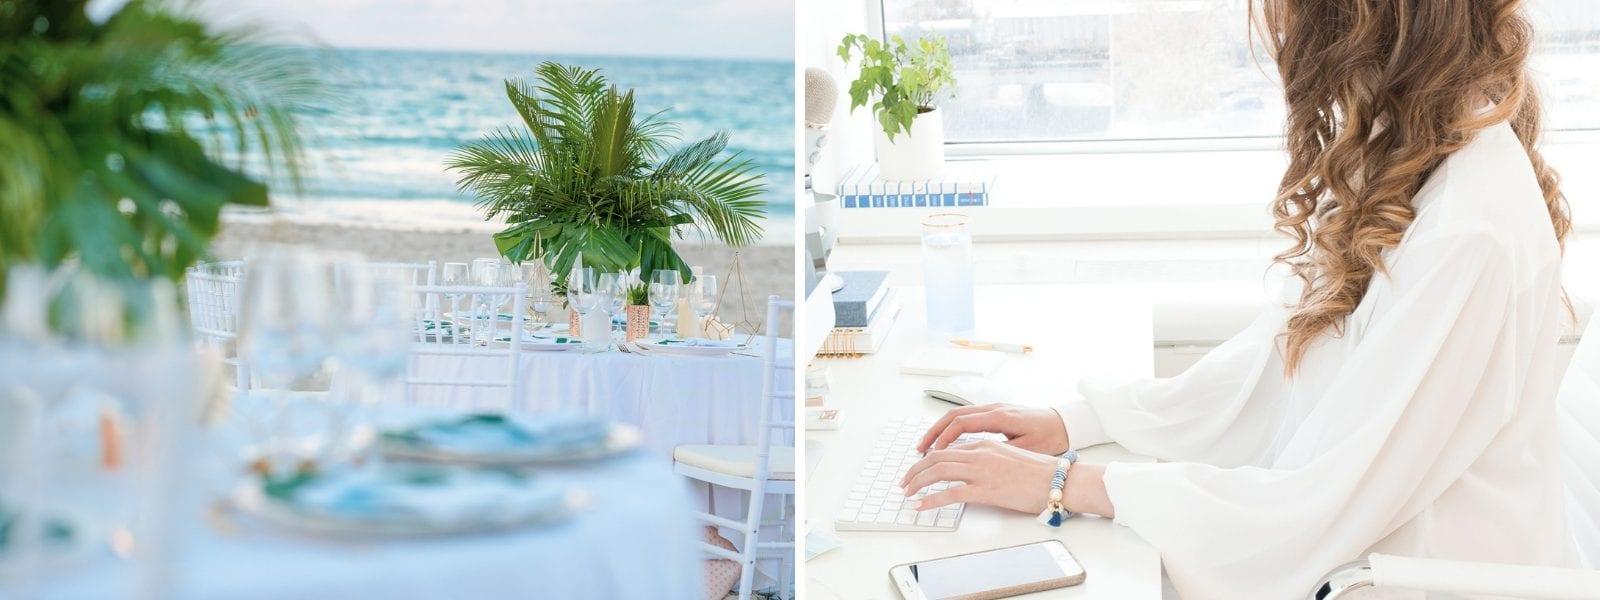 сватбена агенция Приказен ден, сватбен агент Мариела Уилсън, най- краситвите сватби в българия